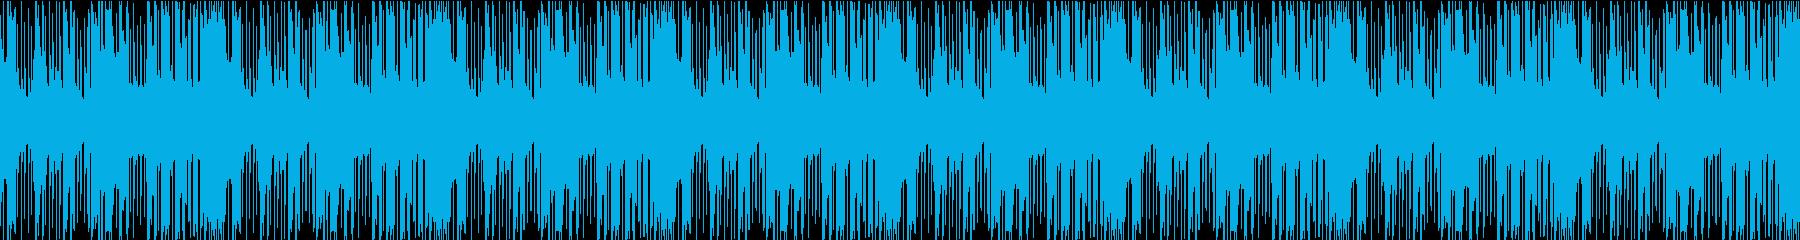 夜を感じる少し不気味なループ音源の再生済みの波形